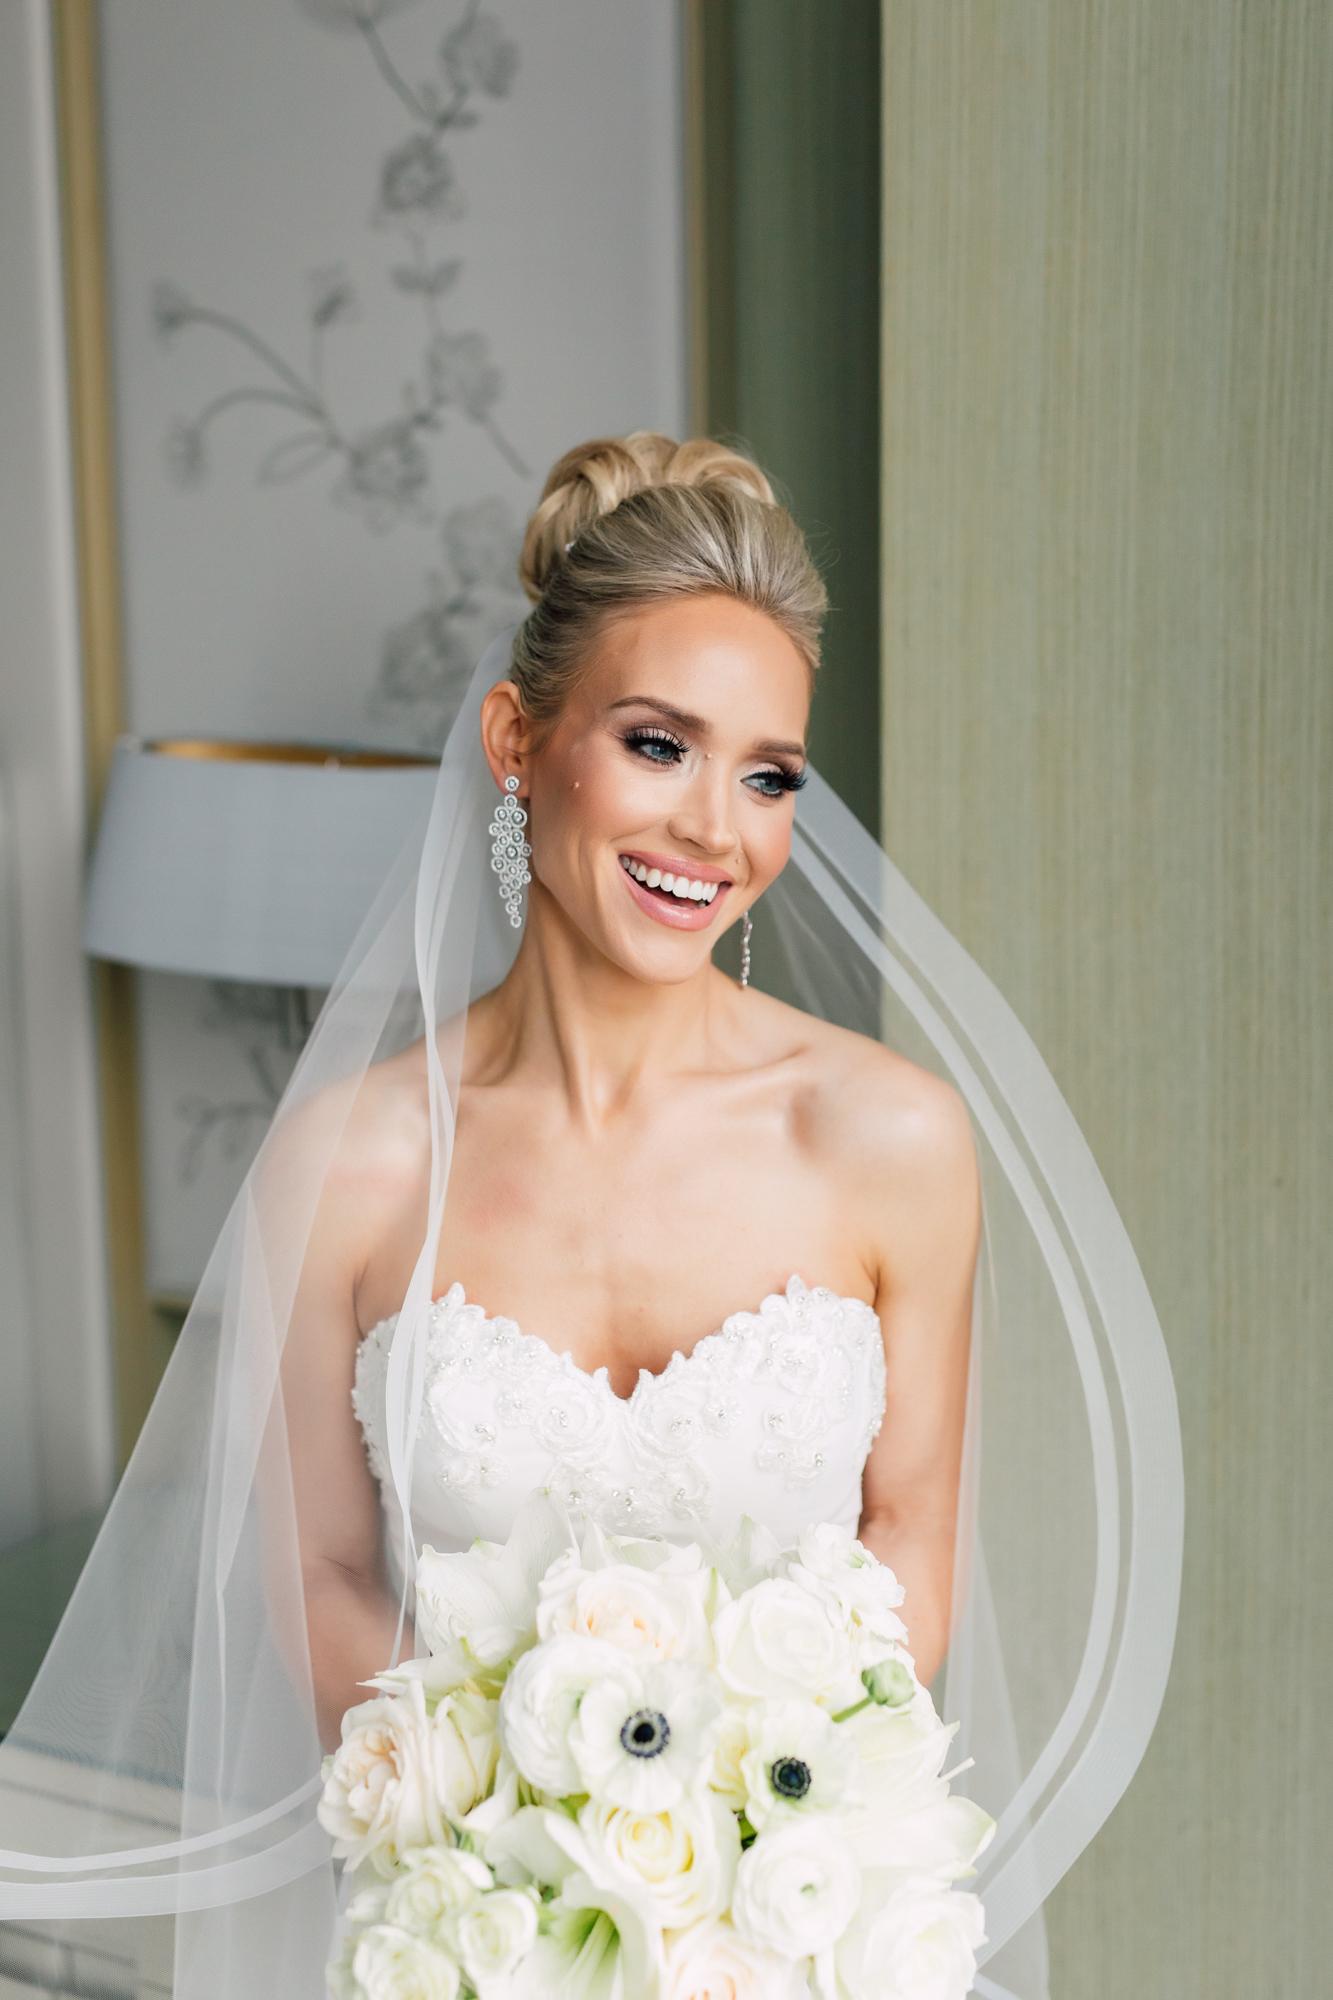 jen evoy bridal makeup